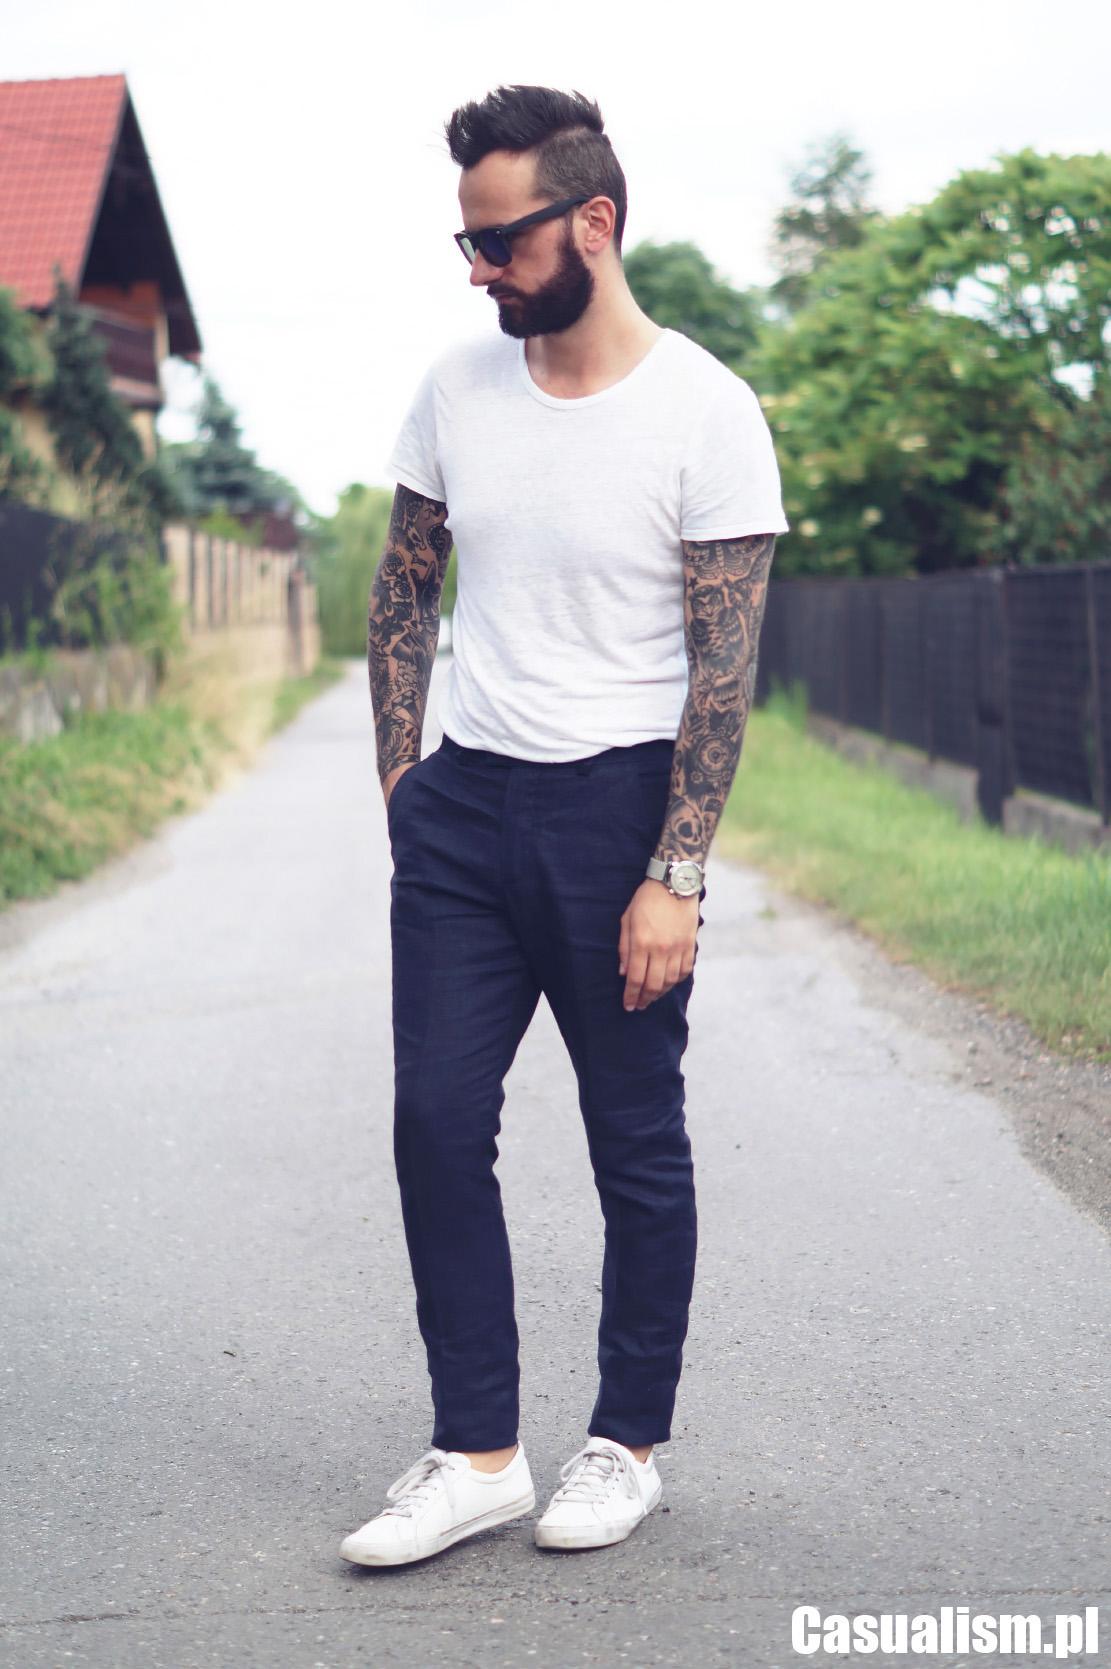 Spodnie w kant z koszulką, spodnie z koszulką, t-shirt i spodnie w kant, spodnie eleganckie z koszulką, koszulka i eleganckie spodnie w kant, spodnie z lnu, lniane spodnie, koszulka lniana męska, męskie lniane koszulki.